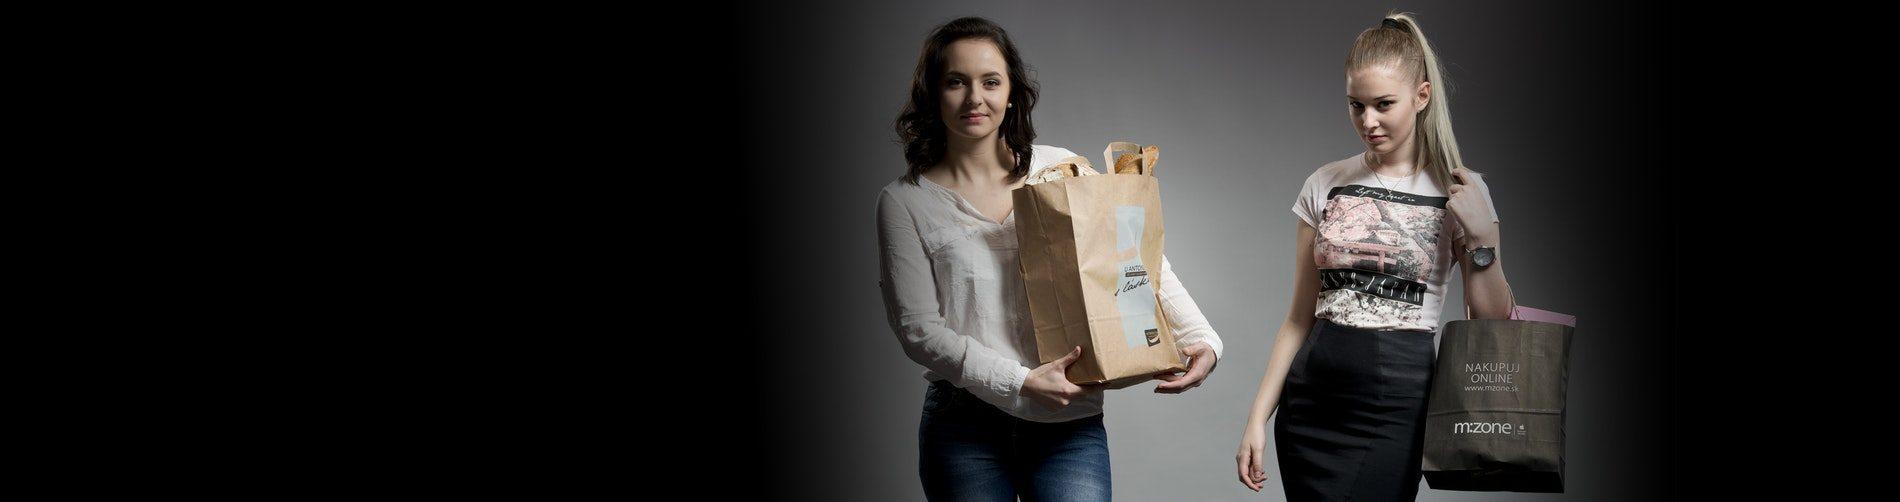 Proměňte **papírové tašky** v chodící reklamu